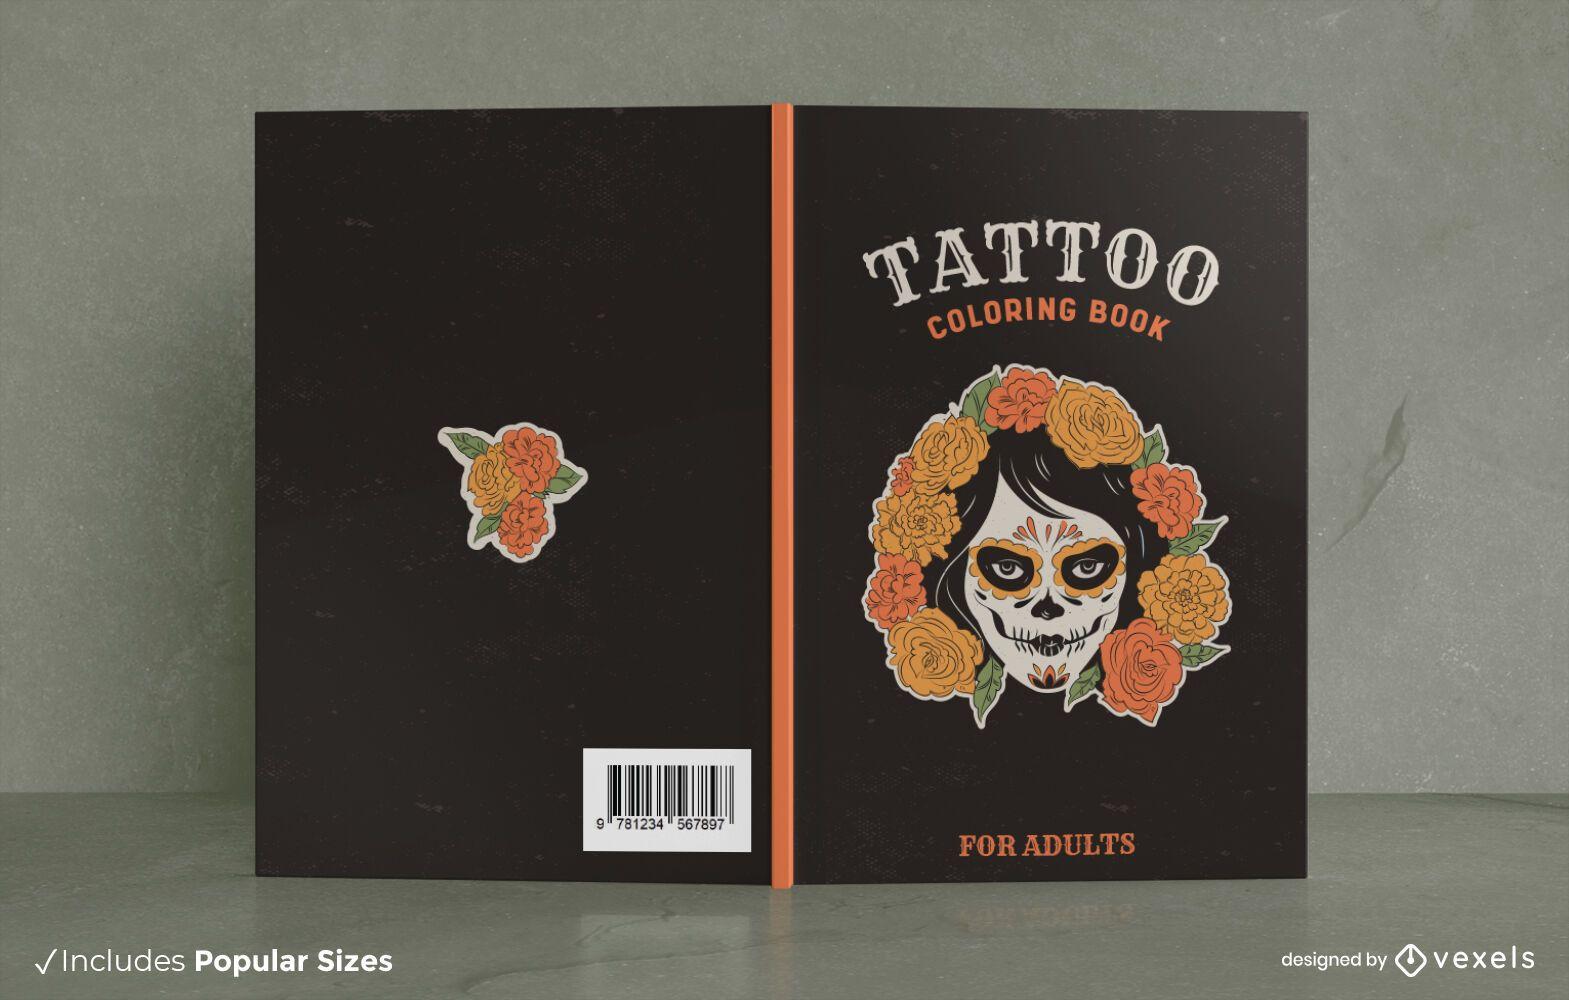 Tattoo Malbuch Cover Design